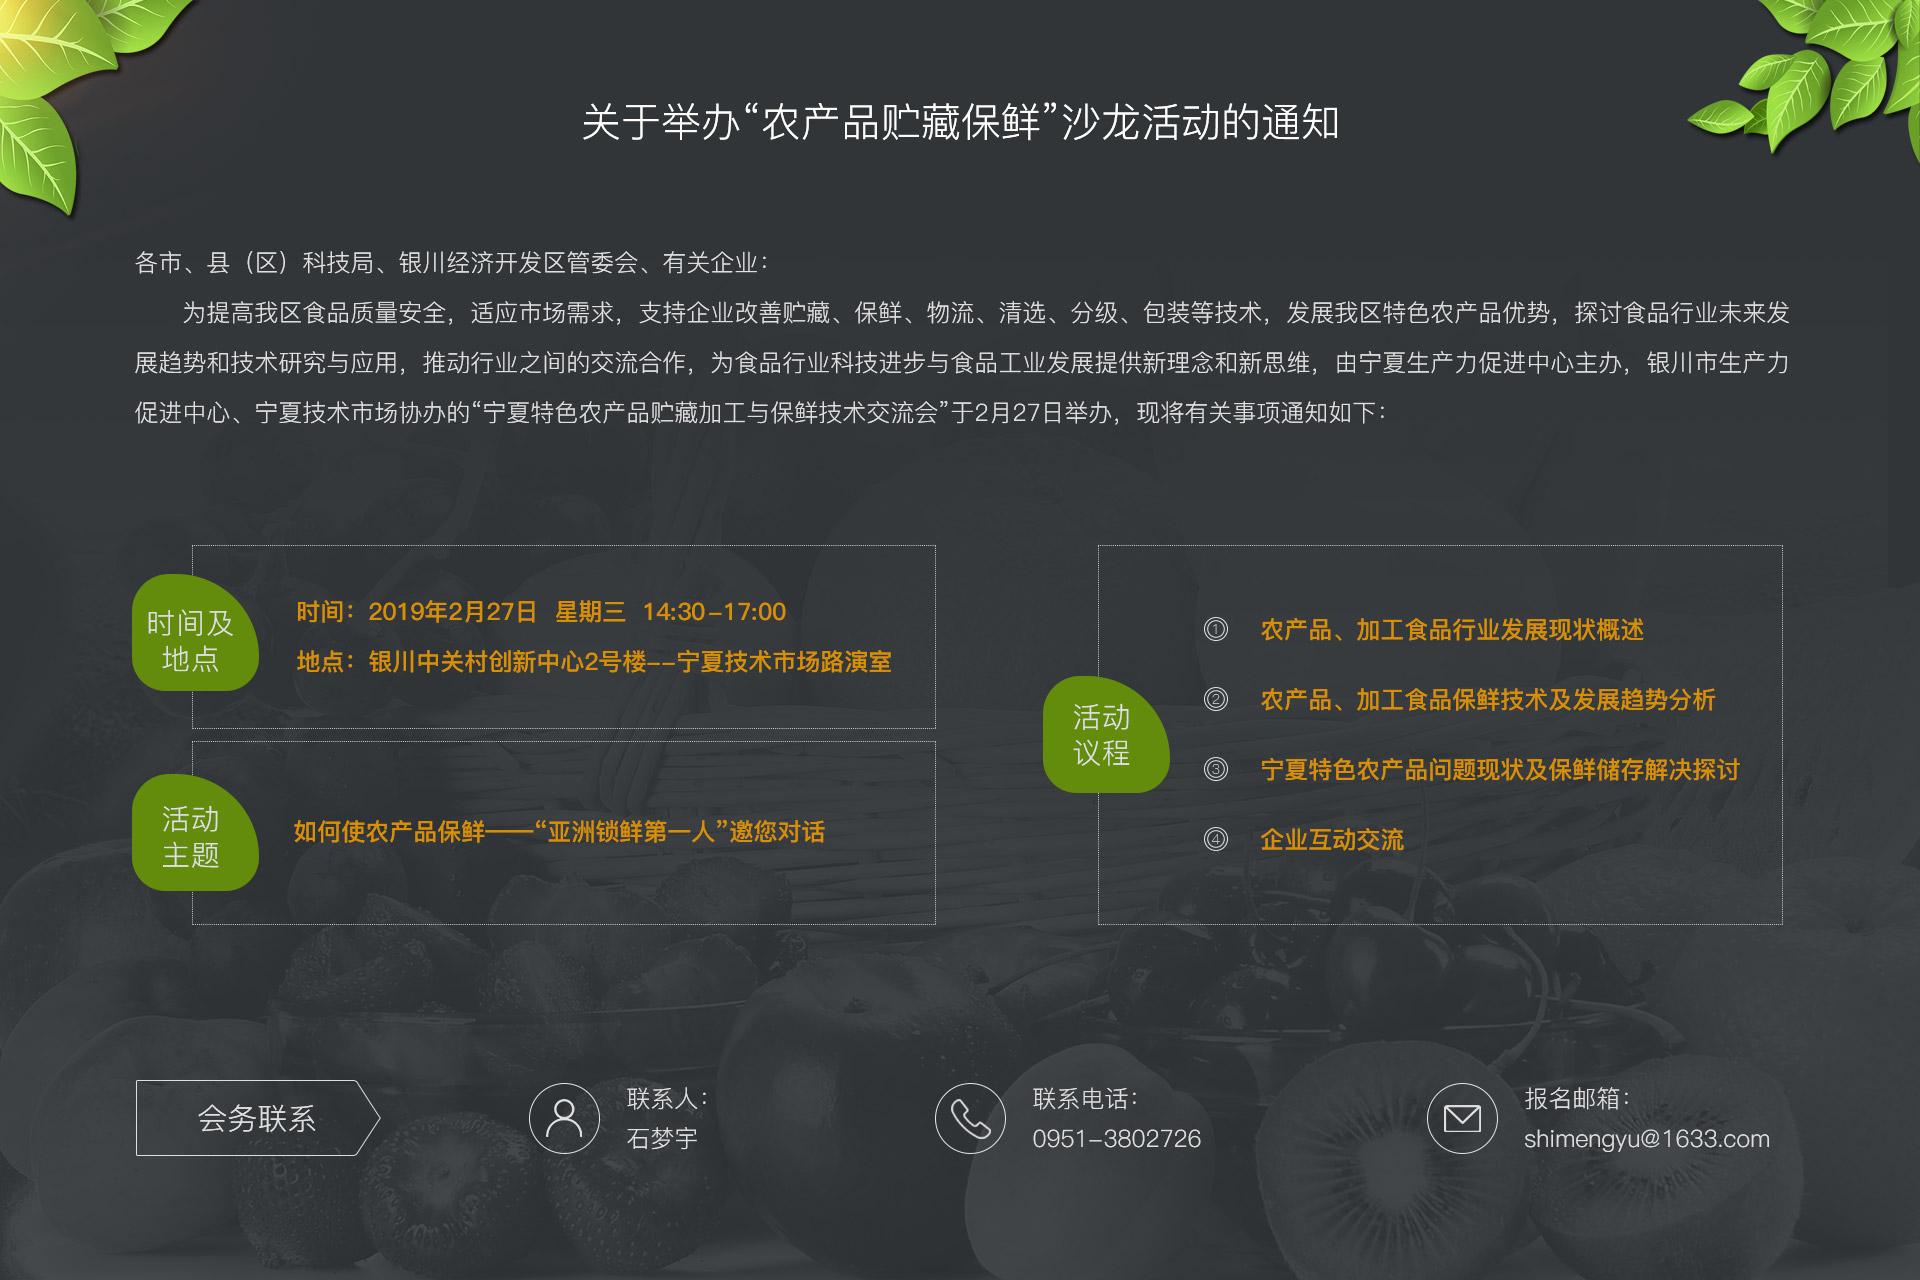 """""""农产品贮藏保鲜""""沙龙宣传-副本1(7).jpg"""